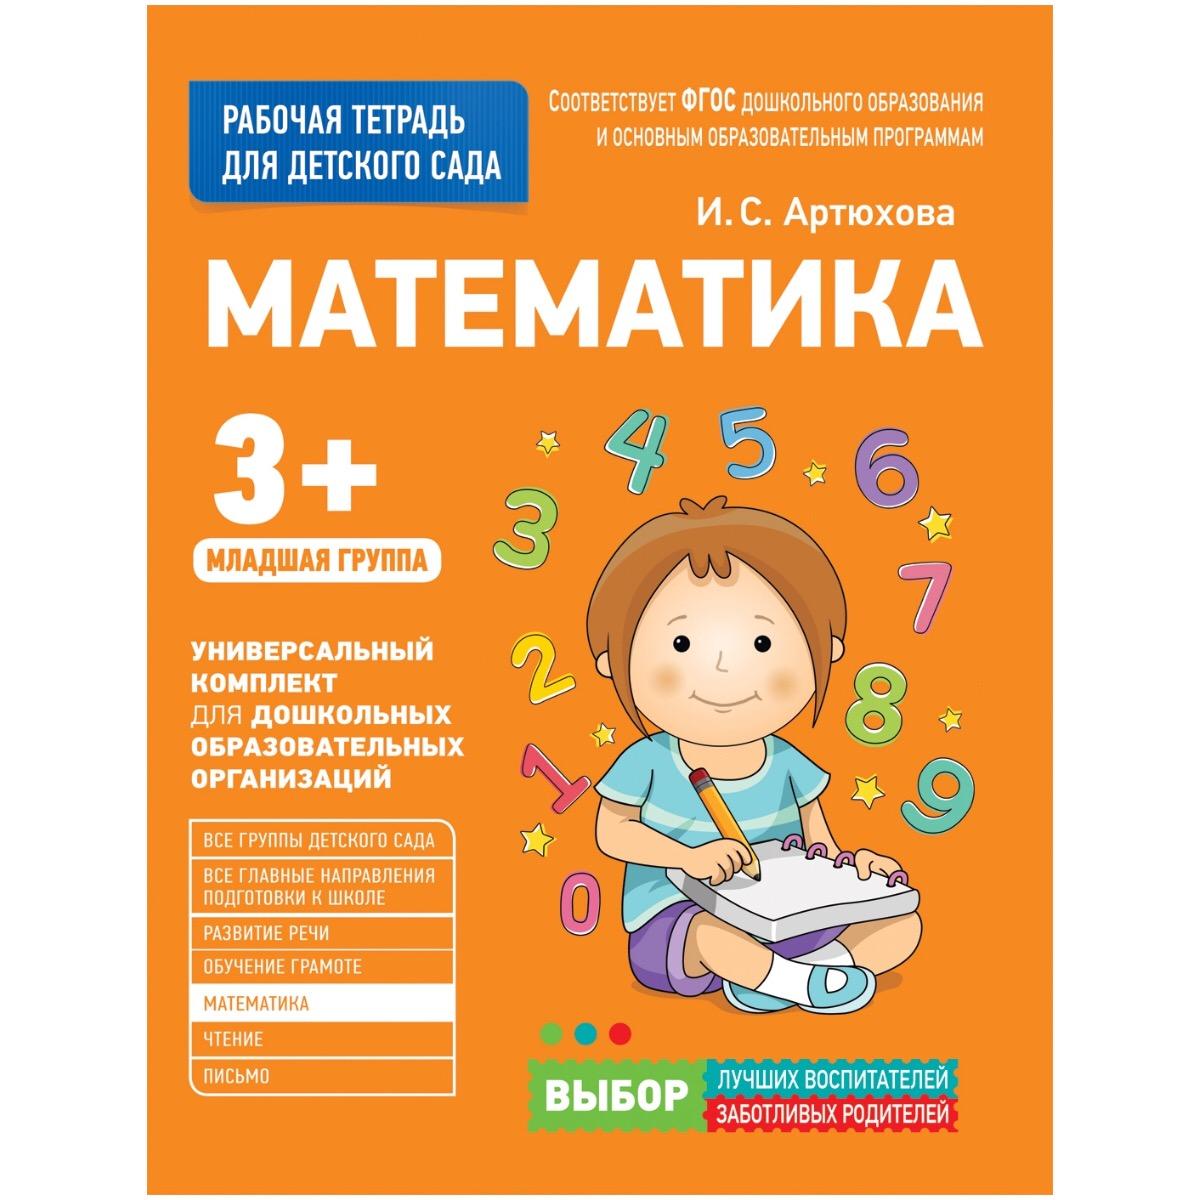 Рабочая тетрадь для детского сада. Математика. Младшая группаОбучающие книги и задания<br>Рабочая тетрадь для детского сада. Математика. Младшая группа<br>